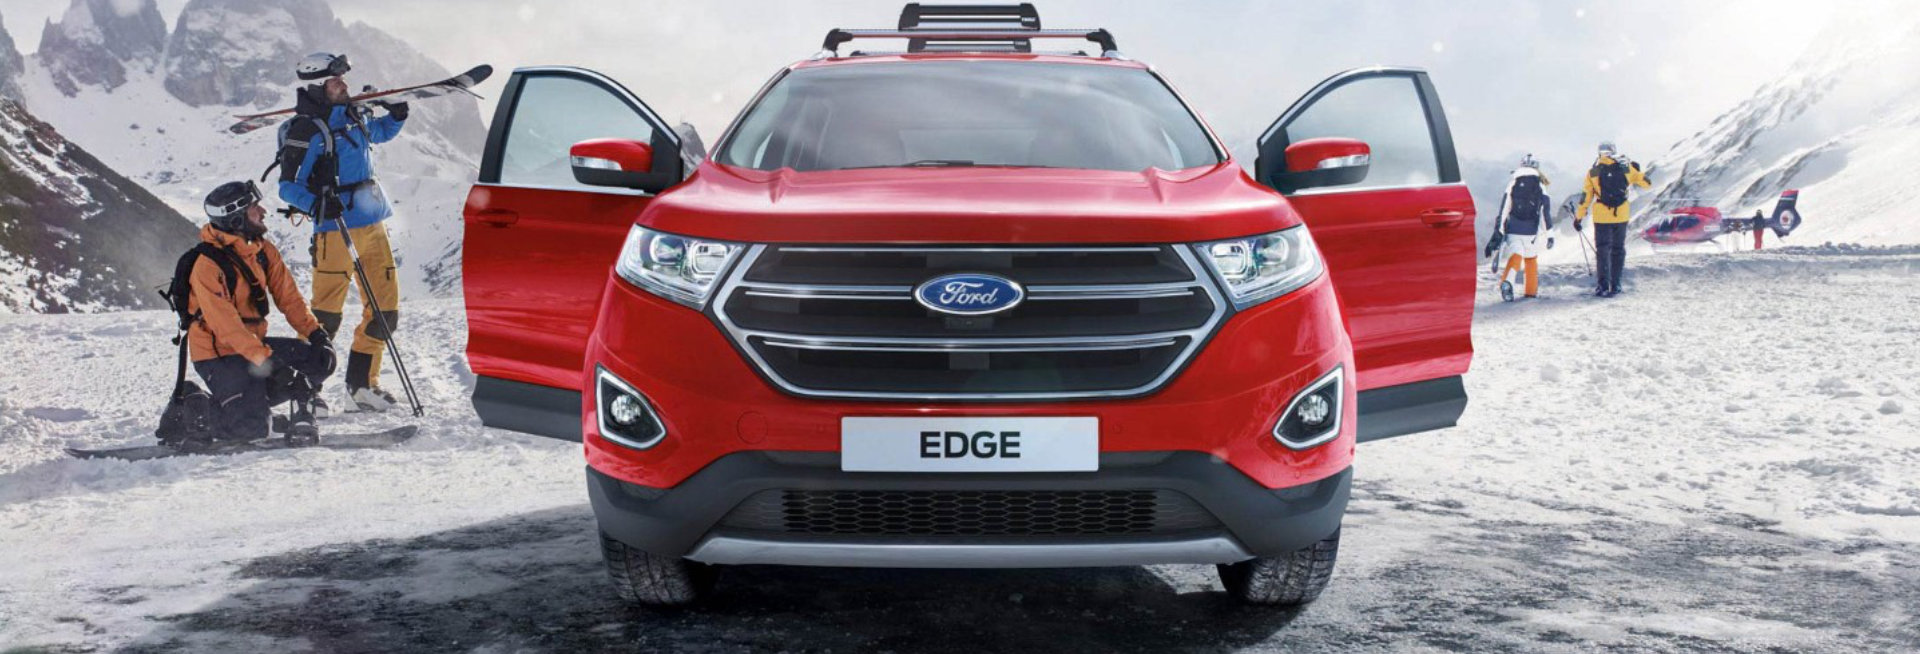 Sneeuwkettingen voor de Ford Edge